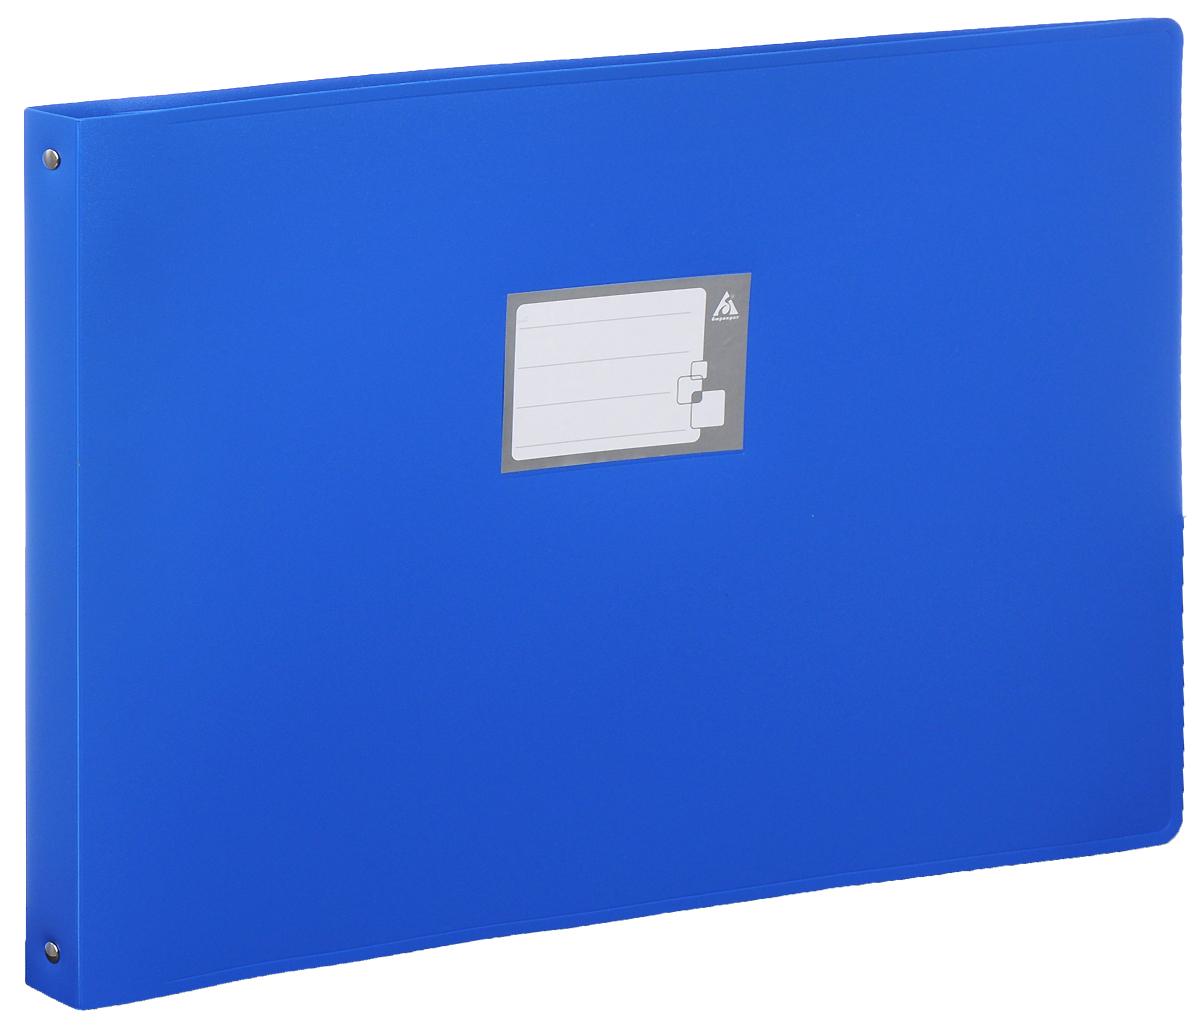 Бюрократ Папка на 4-х кольцах цвет синий 816570816570Надежная папка-уголок Бюрократ станет для вас незаменимым помощником в учебных или офисных делах. Папка-уголок формата А3 изготовлена из износоустойчивого пластика и предназначена хранения различных документов. Она оснащена 4 металлическими кольцами, которые позволят надежно закрепить все нужные документы. На обложке можно написать информацию о владельце или о содержимом папки. Такая папка всегда будет сохранять ваши документы в опрятном и чистом виде.